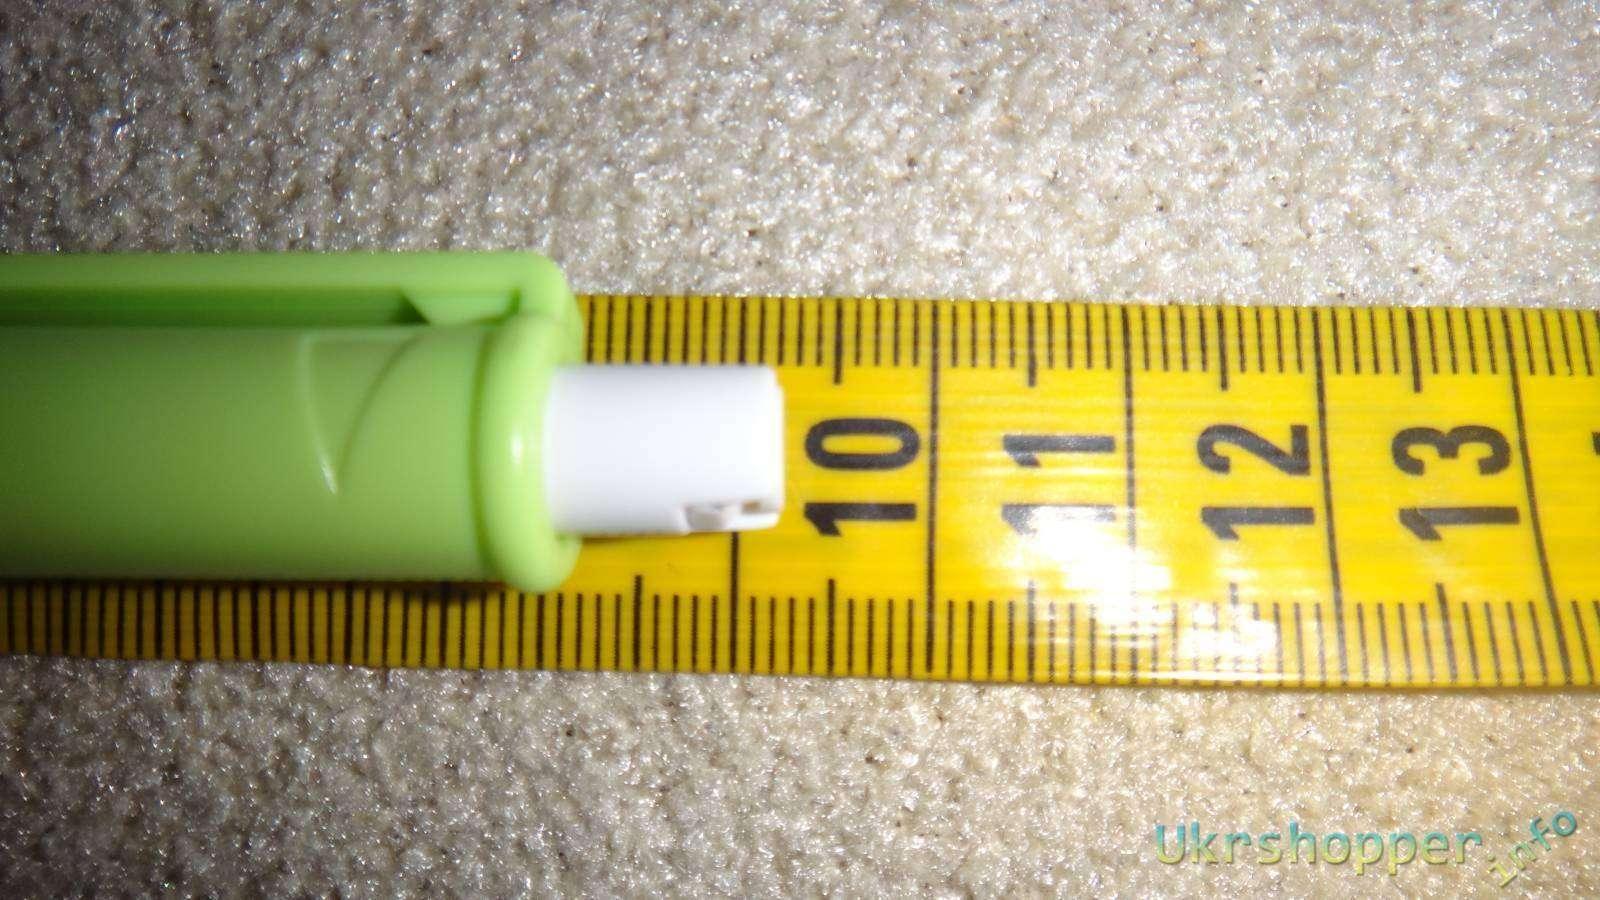 DealExtreme: Обзор приспособления для удаления клещей